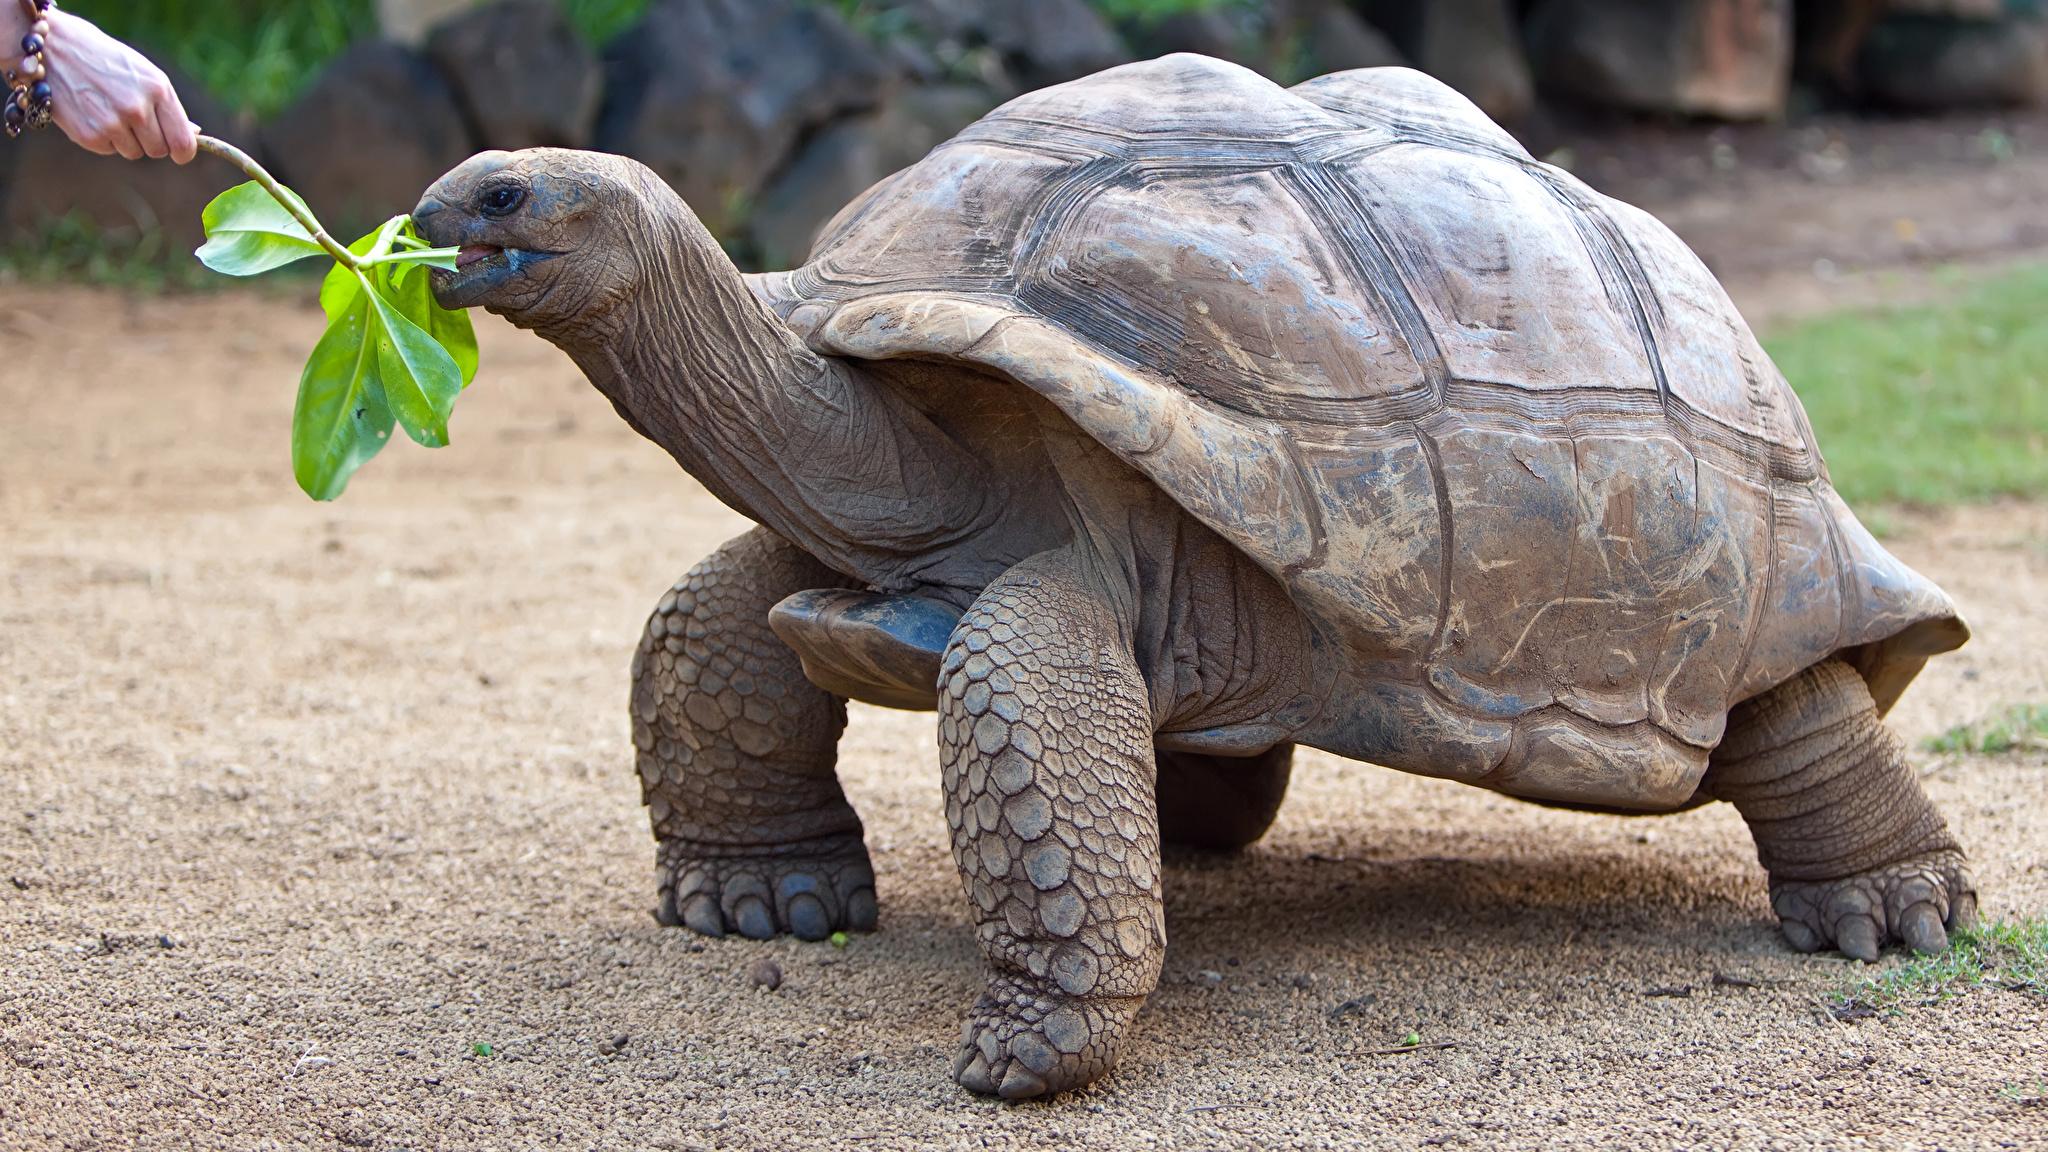 Аквариумные черепахи: виды, особенности, фото аквариумные черепахи: виды, особенности, фото